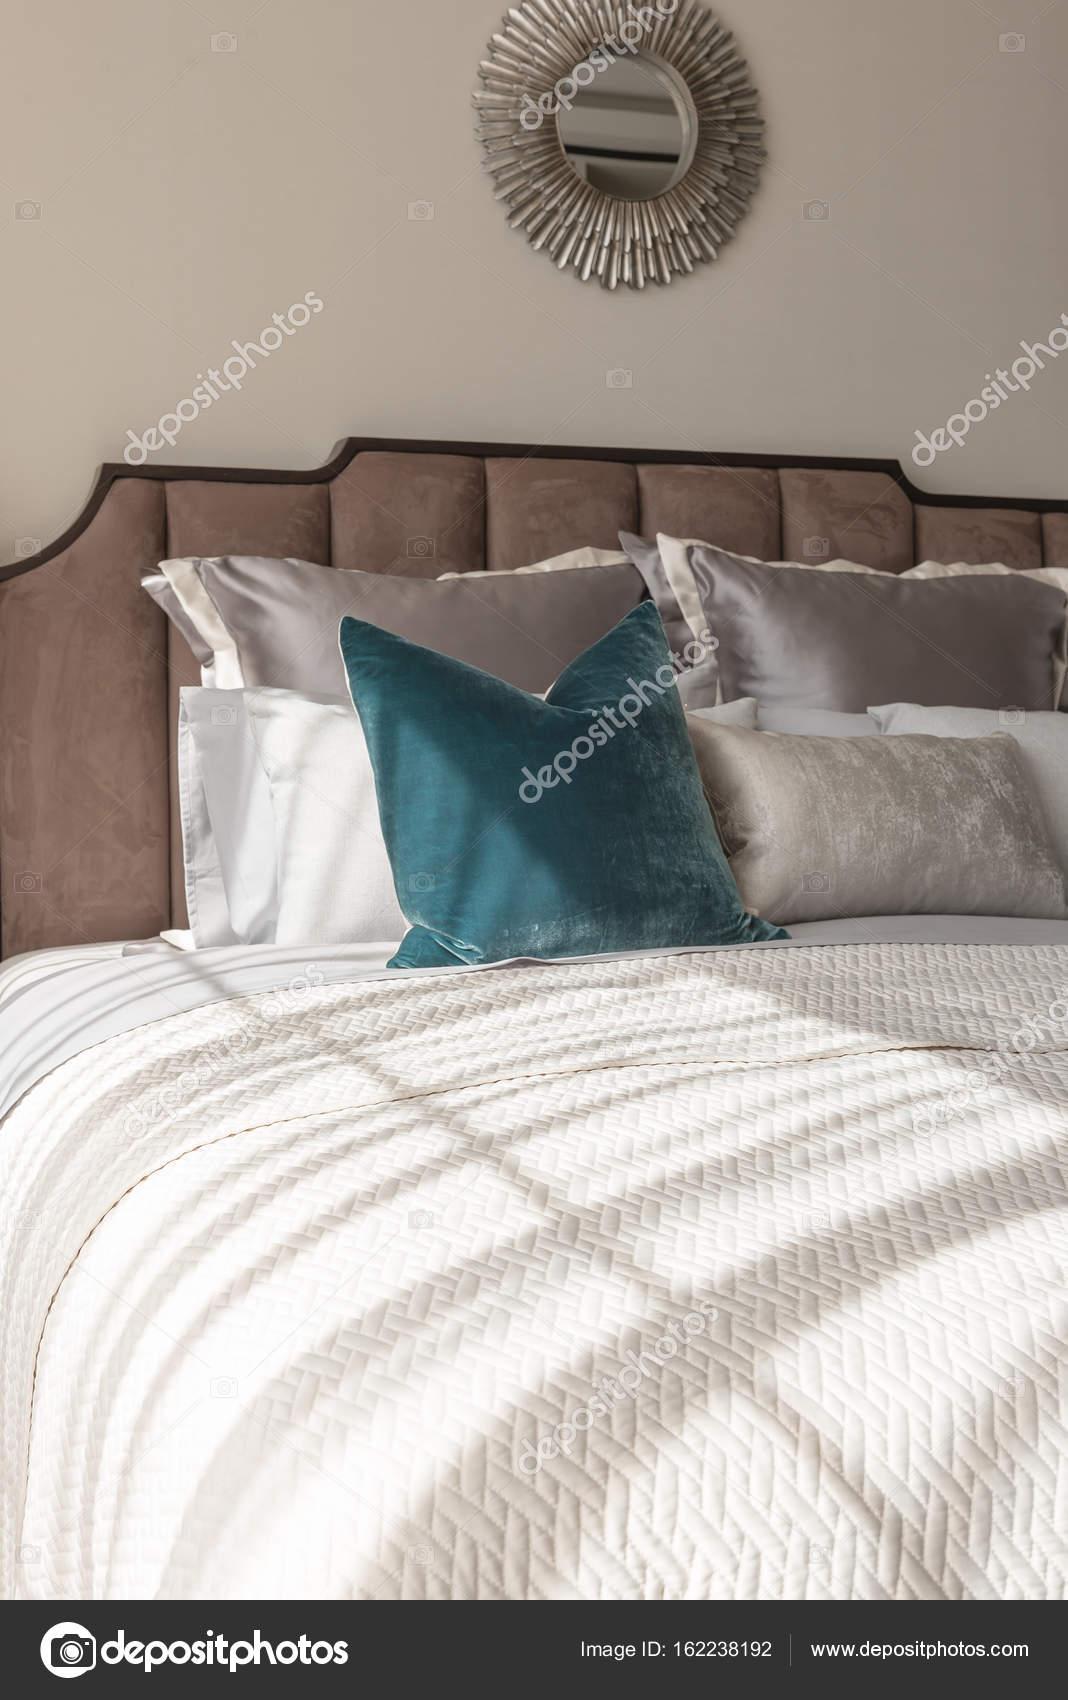 https://st3.depositphotos.com/4221109/16223/i/1600/depositphotos_162238192-stockafbeelding-klassieke-slaapkamer-stijl-met-set.jpg